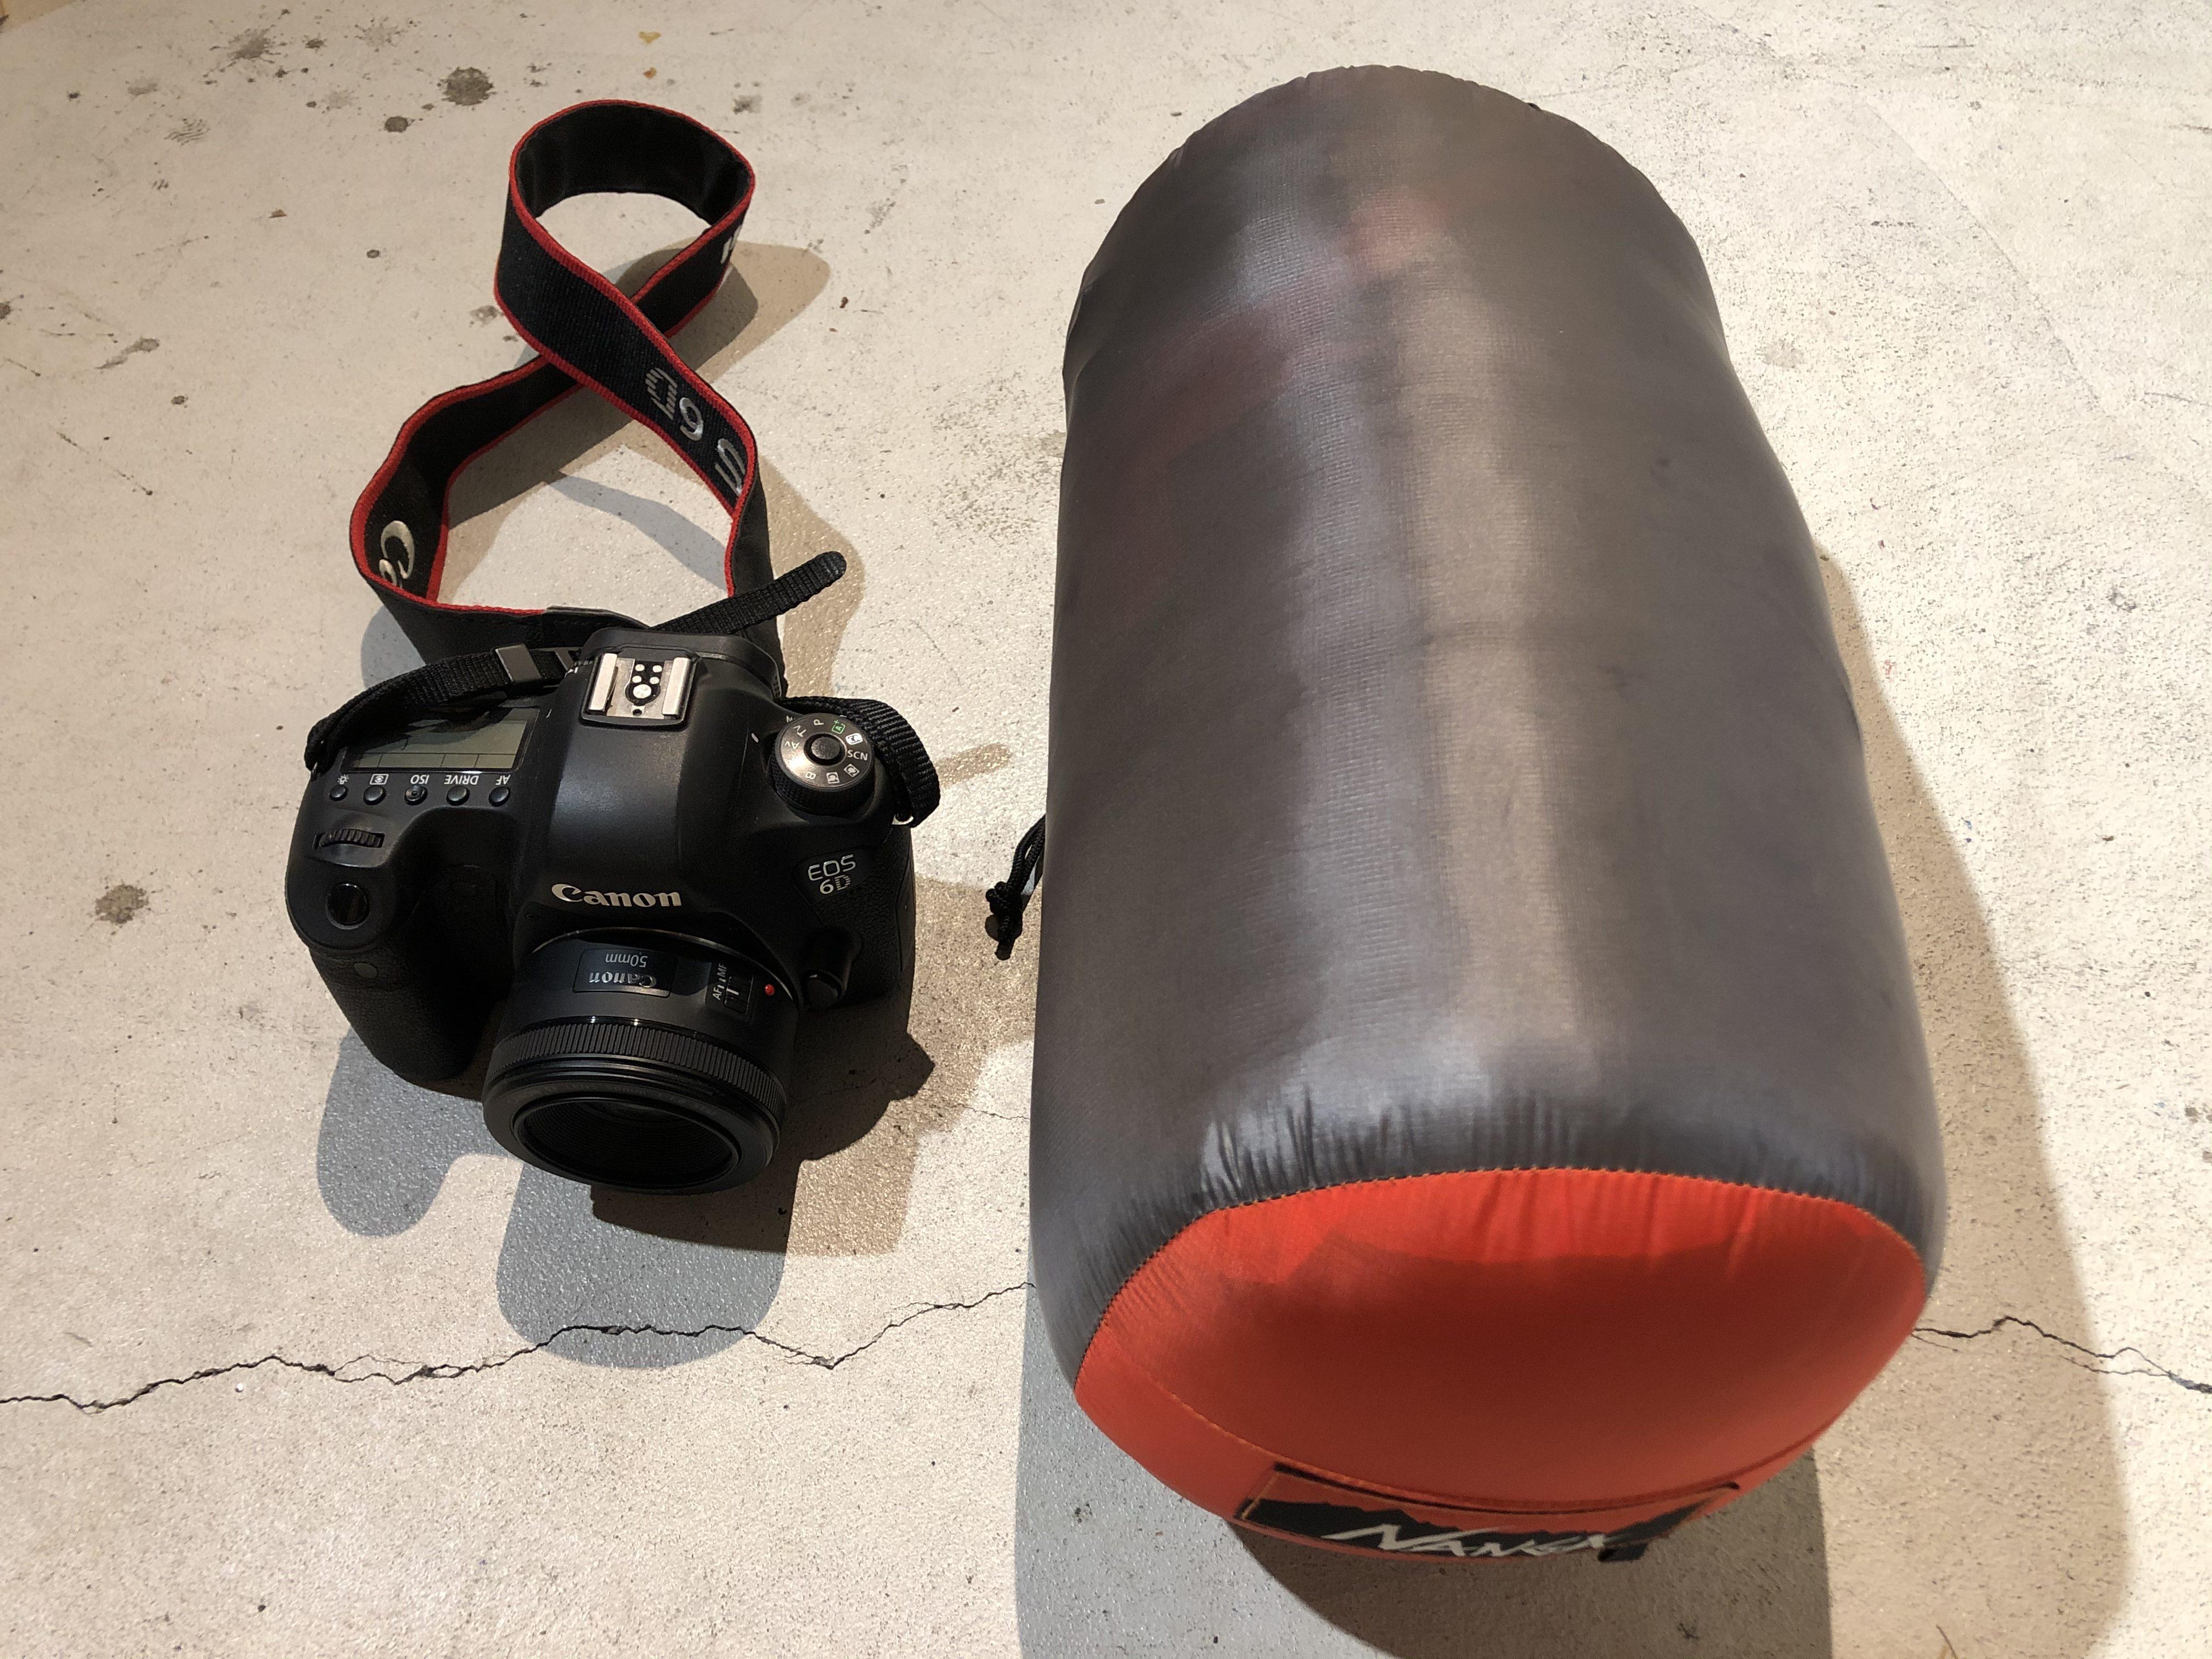 ナンガ オーロラライト600DX 仕舞寸法を一眼レフカメラと比較